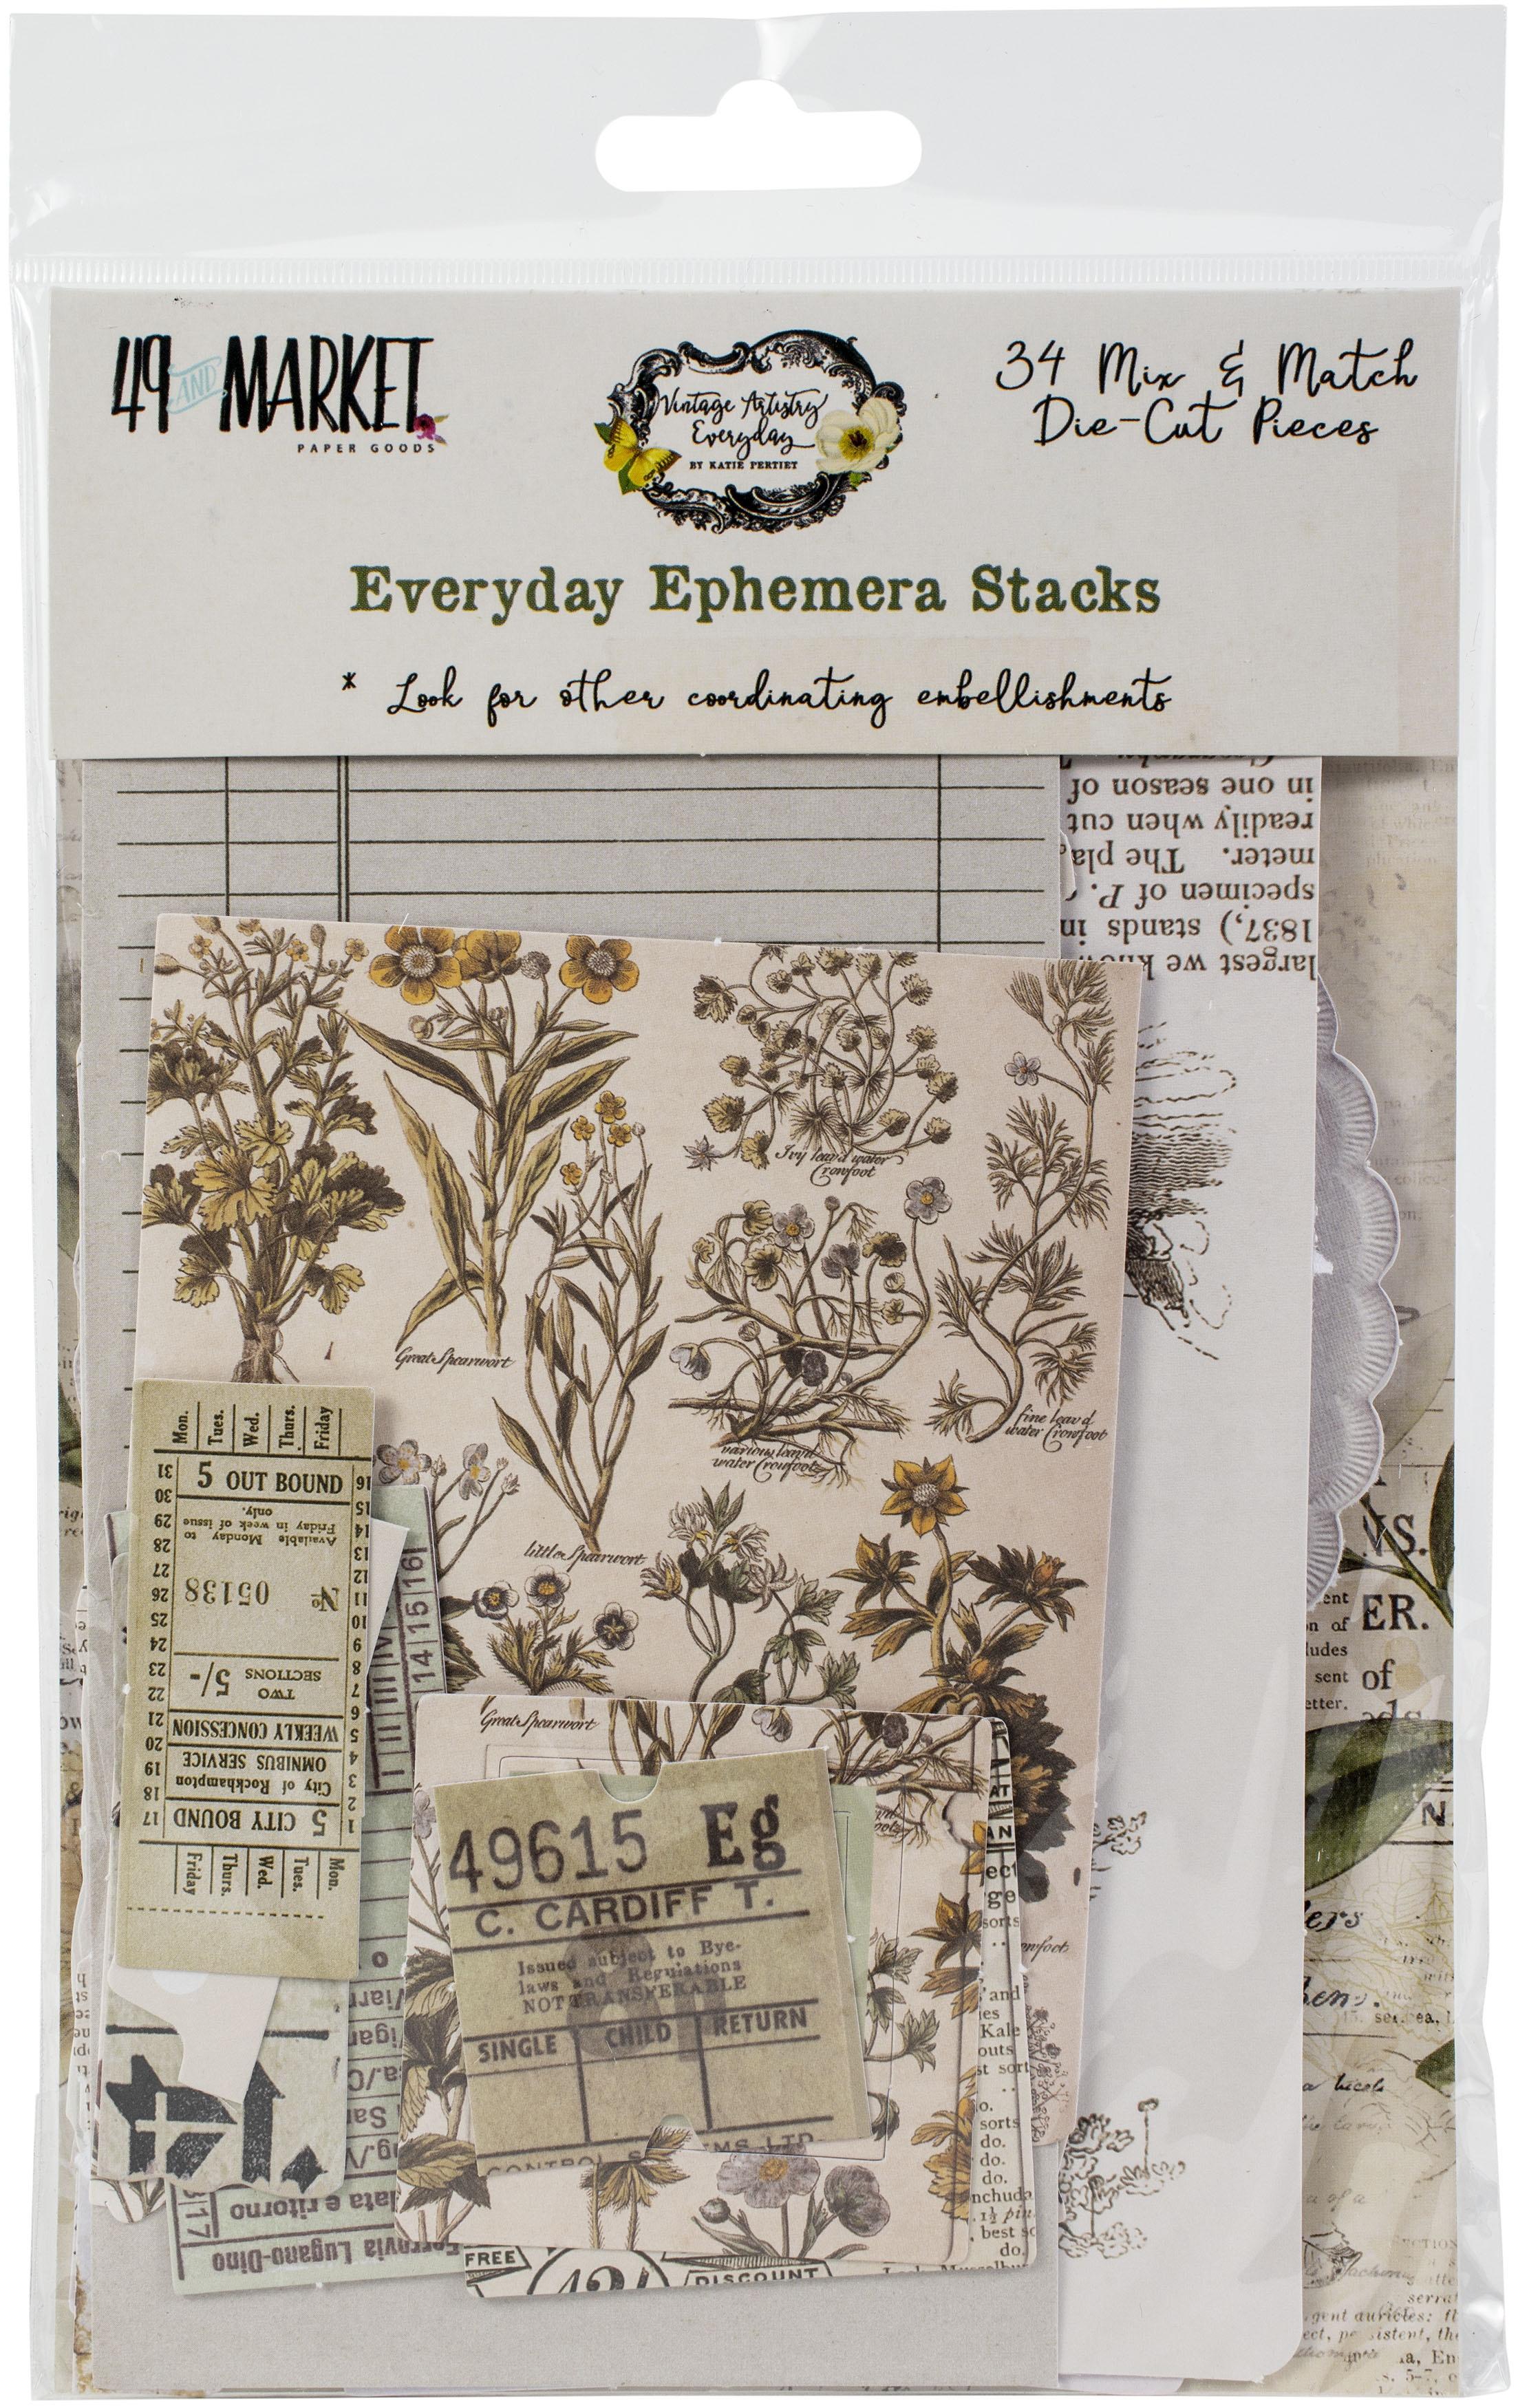 49 And Market - Everyday Ephemera Stacks